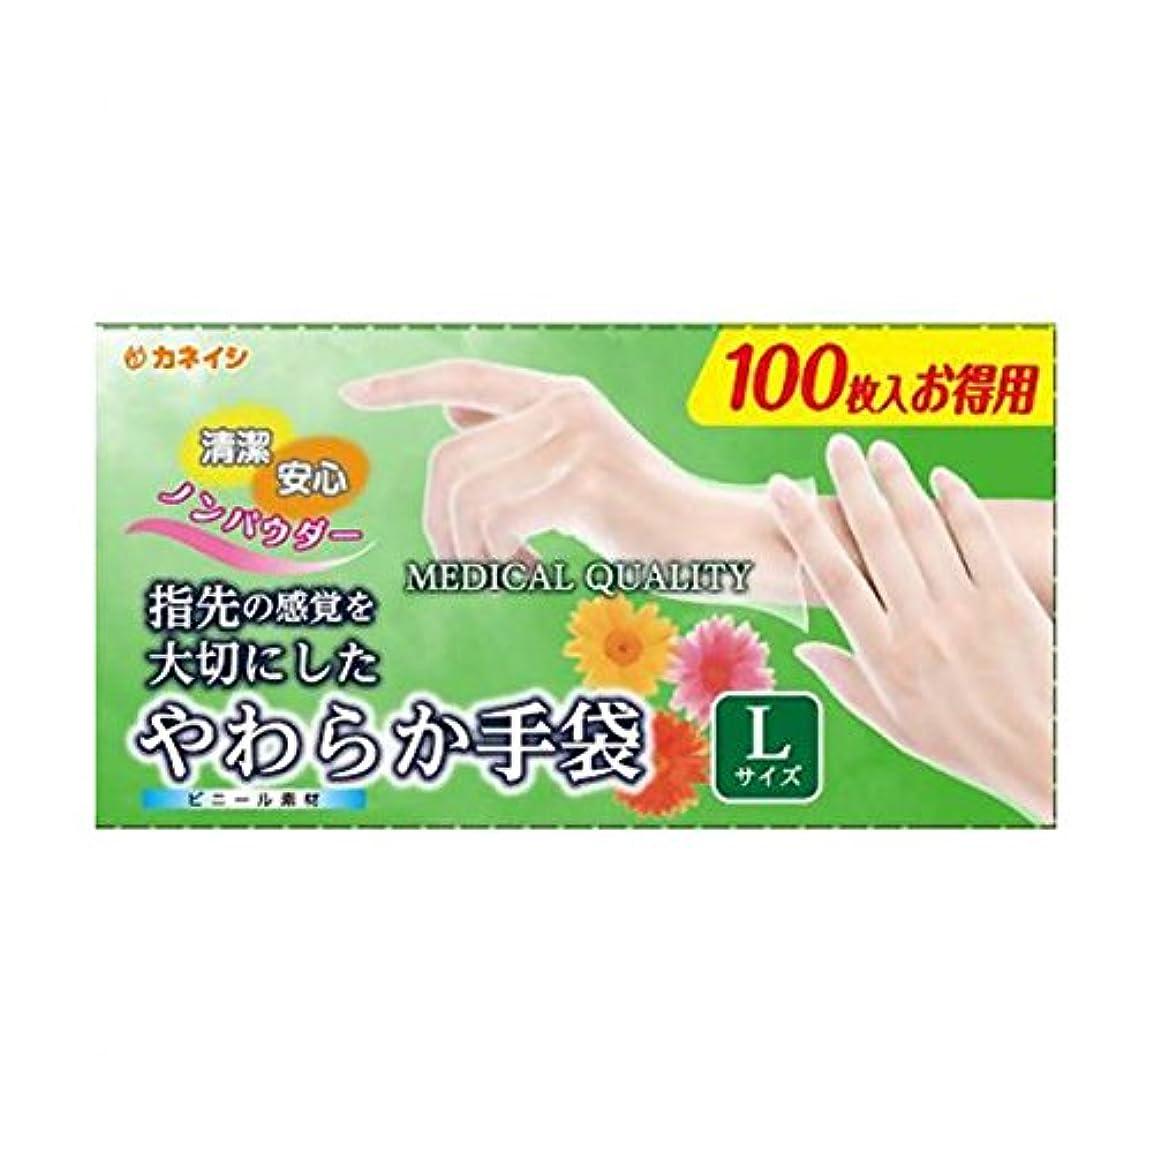 東ティモール揃える書き込みやわらか手袋 ビニール素材 Lサイズ 100枚入x4